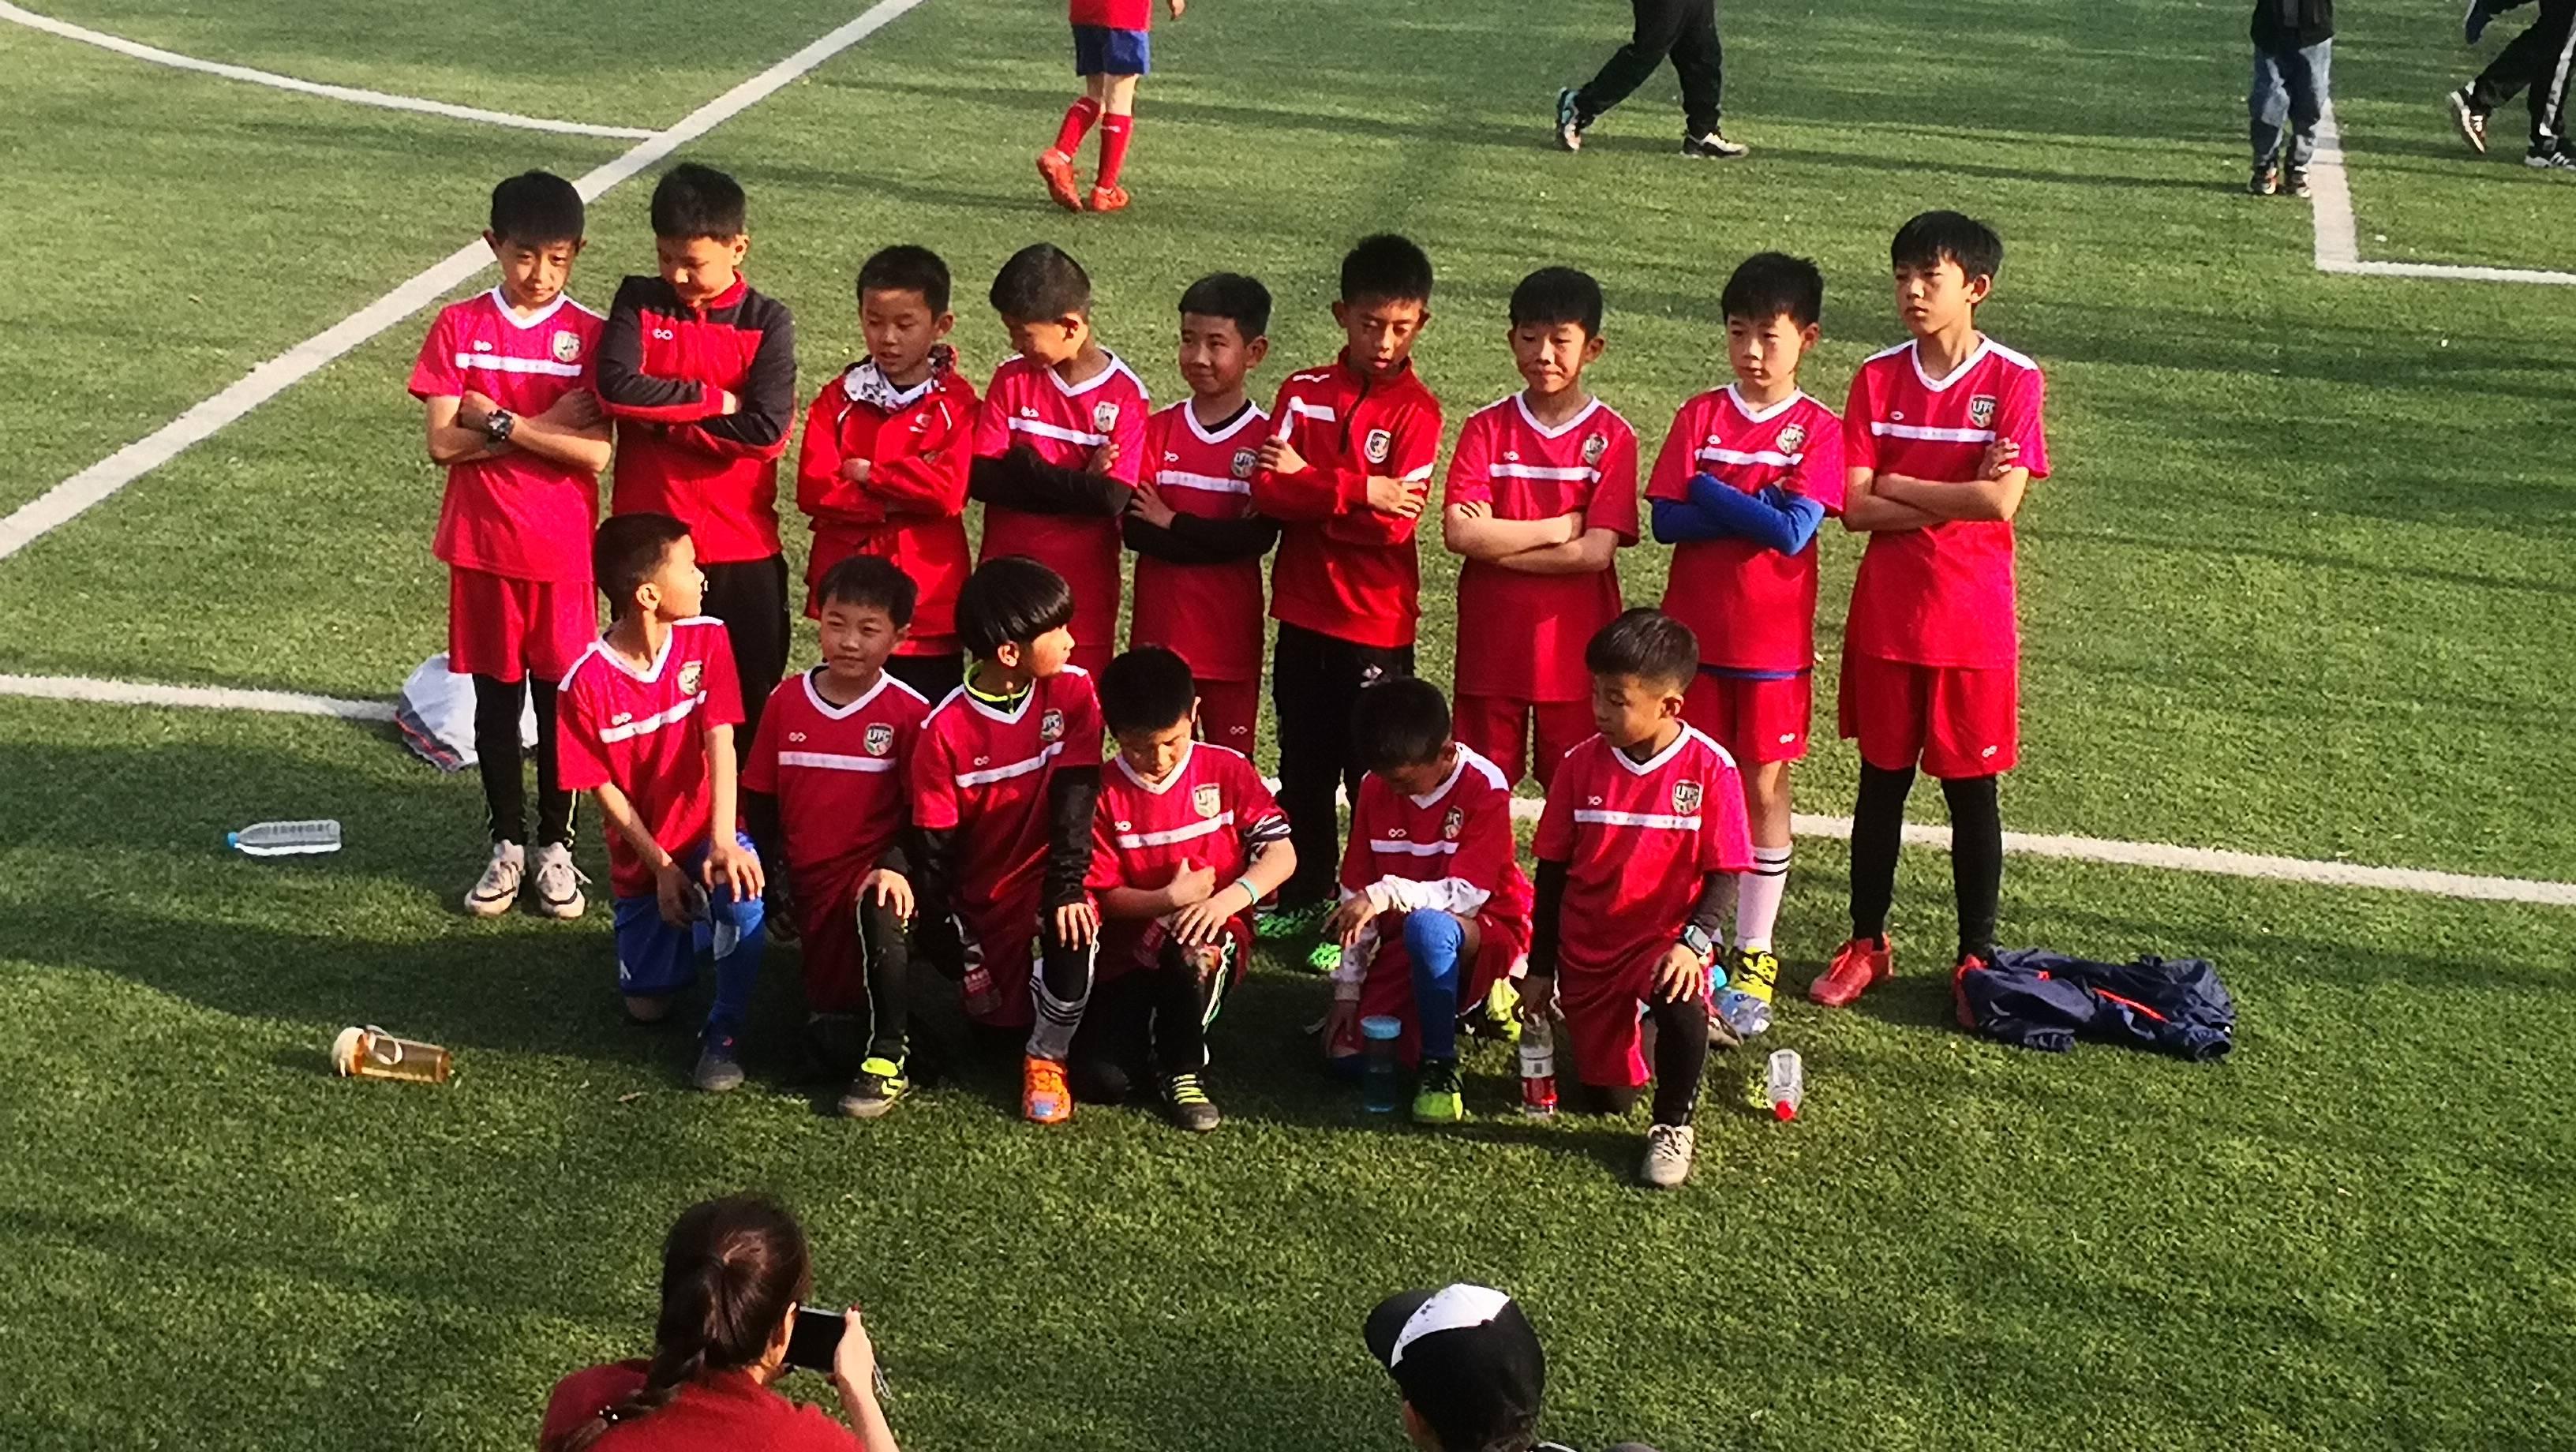 """洛阳市青少年足球联盟""""梁庄嘉年华""""活动成功举办!"""